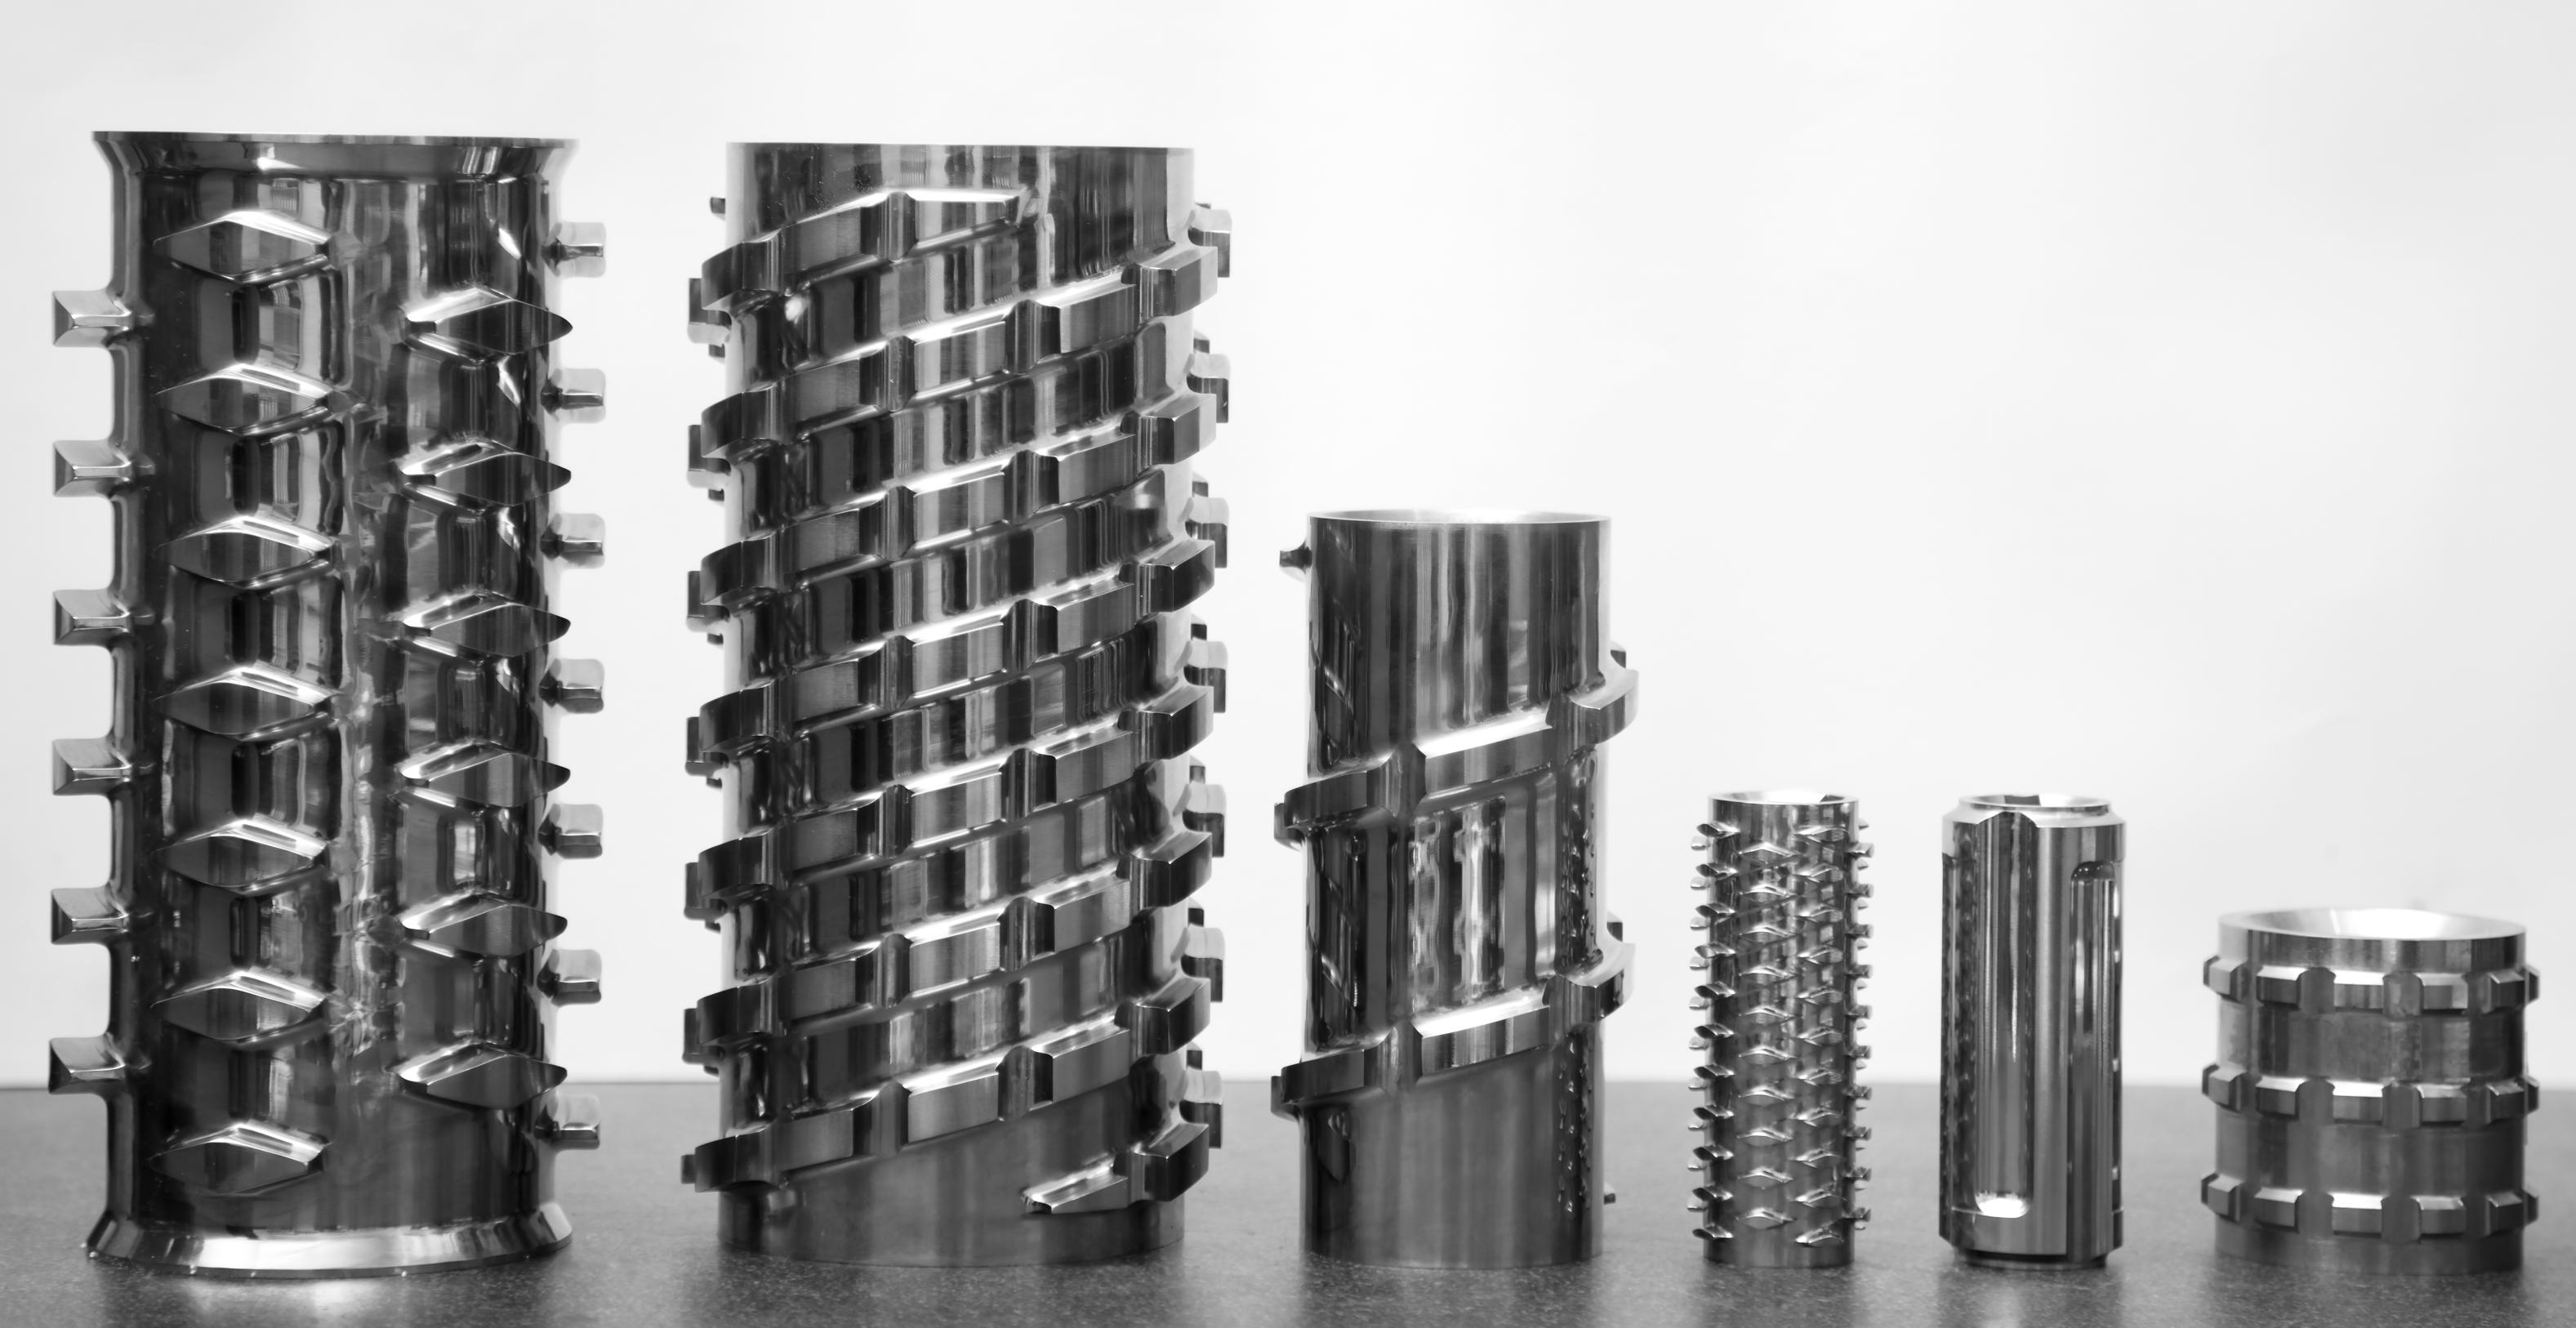 Plastik işleme makineleri sektöründe bir ilk Şenmak Ar-Ge Merkezi faaliyete geçti